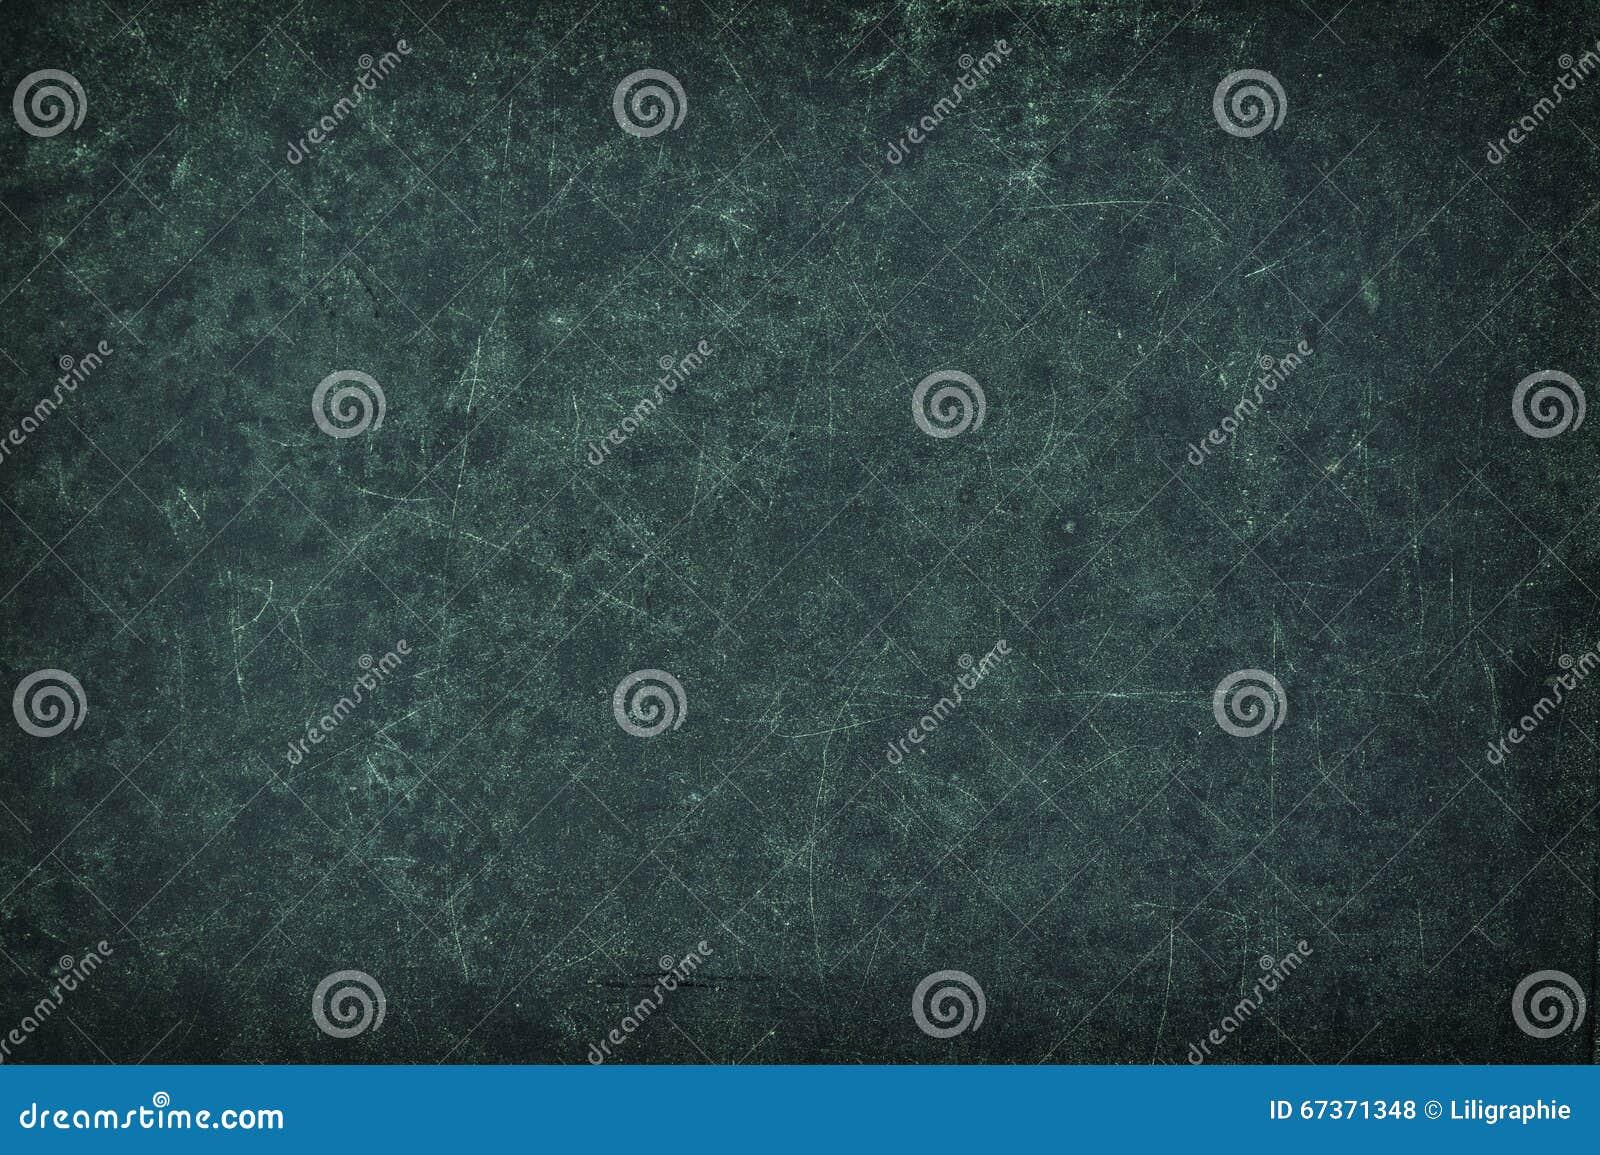 Chalkboard texture. Dark blue blackboard backgroud